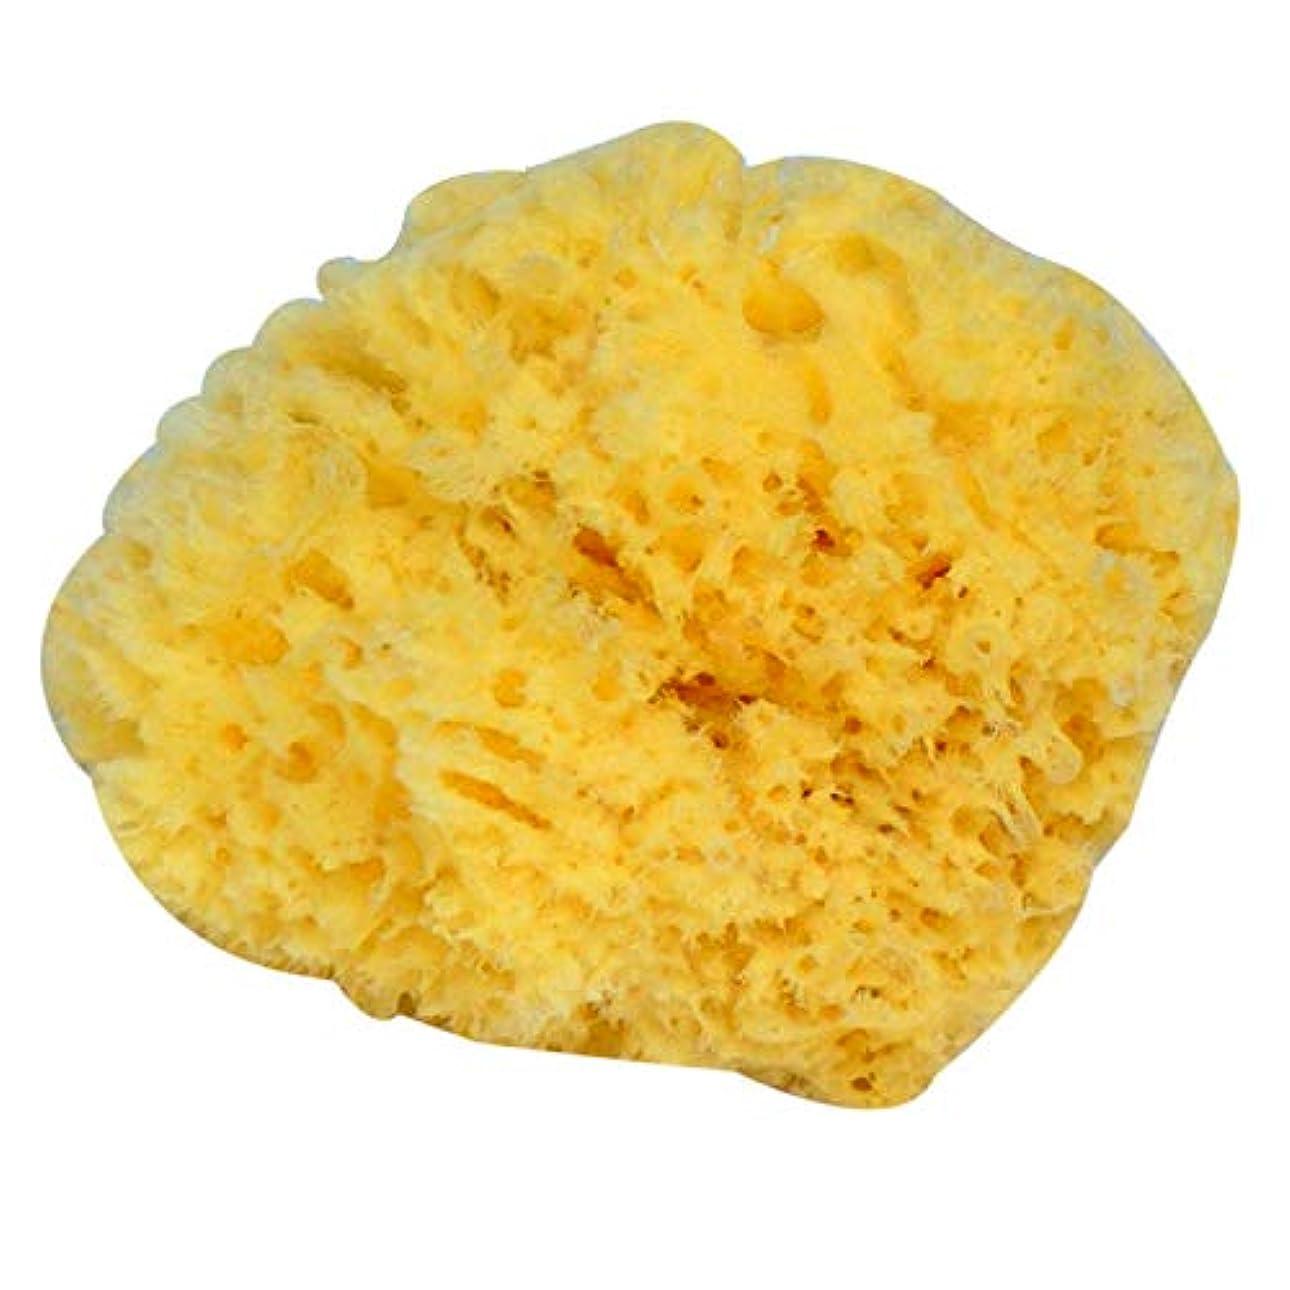 先住民時間厳守調整SODIAL 自然な黄色い海草のスポンジ。 お風呂、シャワー、ボディケア用。柔らかく荒いが、皮膚を刺激しない。